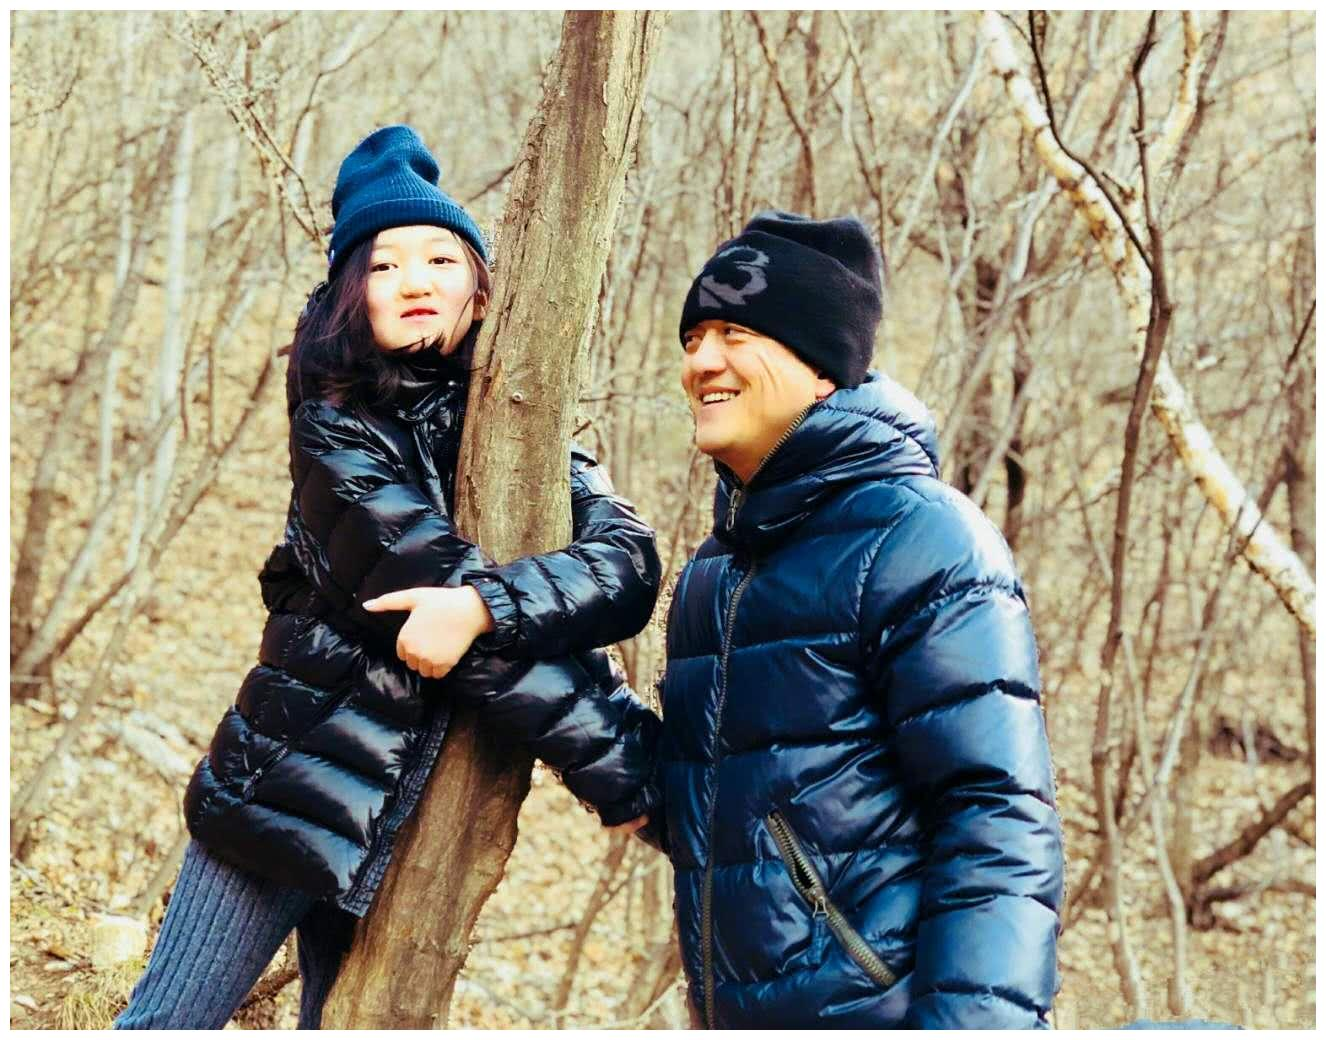 王菲女儿李嫣拍自制短片,拒绝李亚鹏出演路人